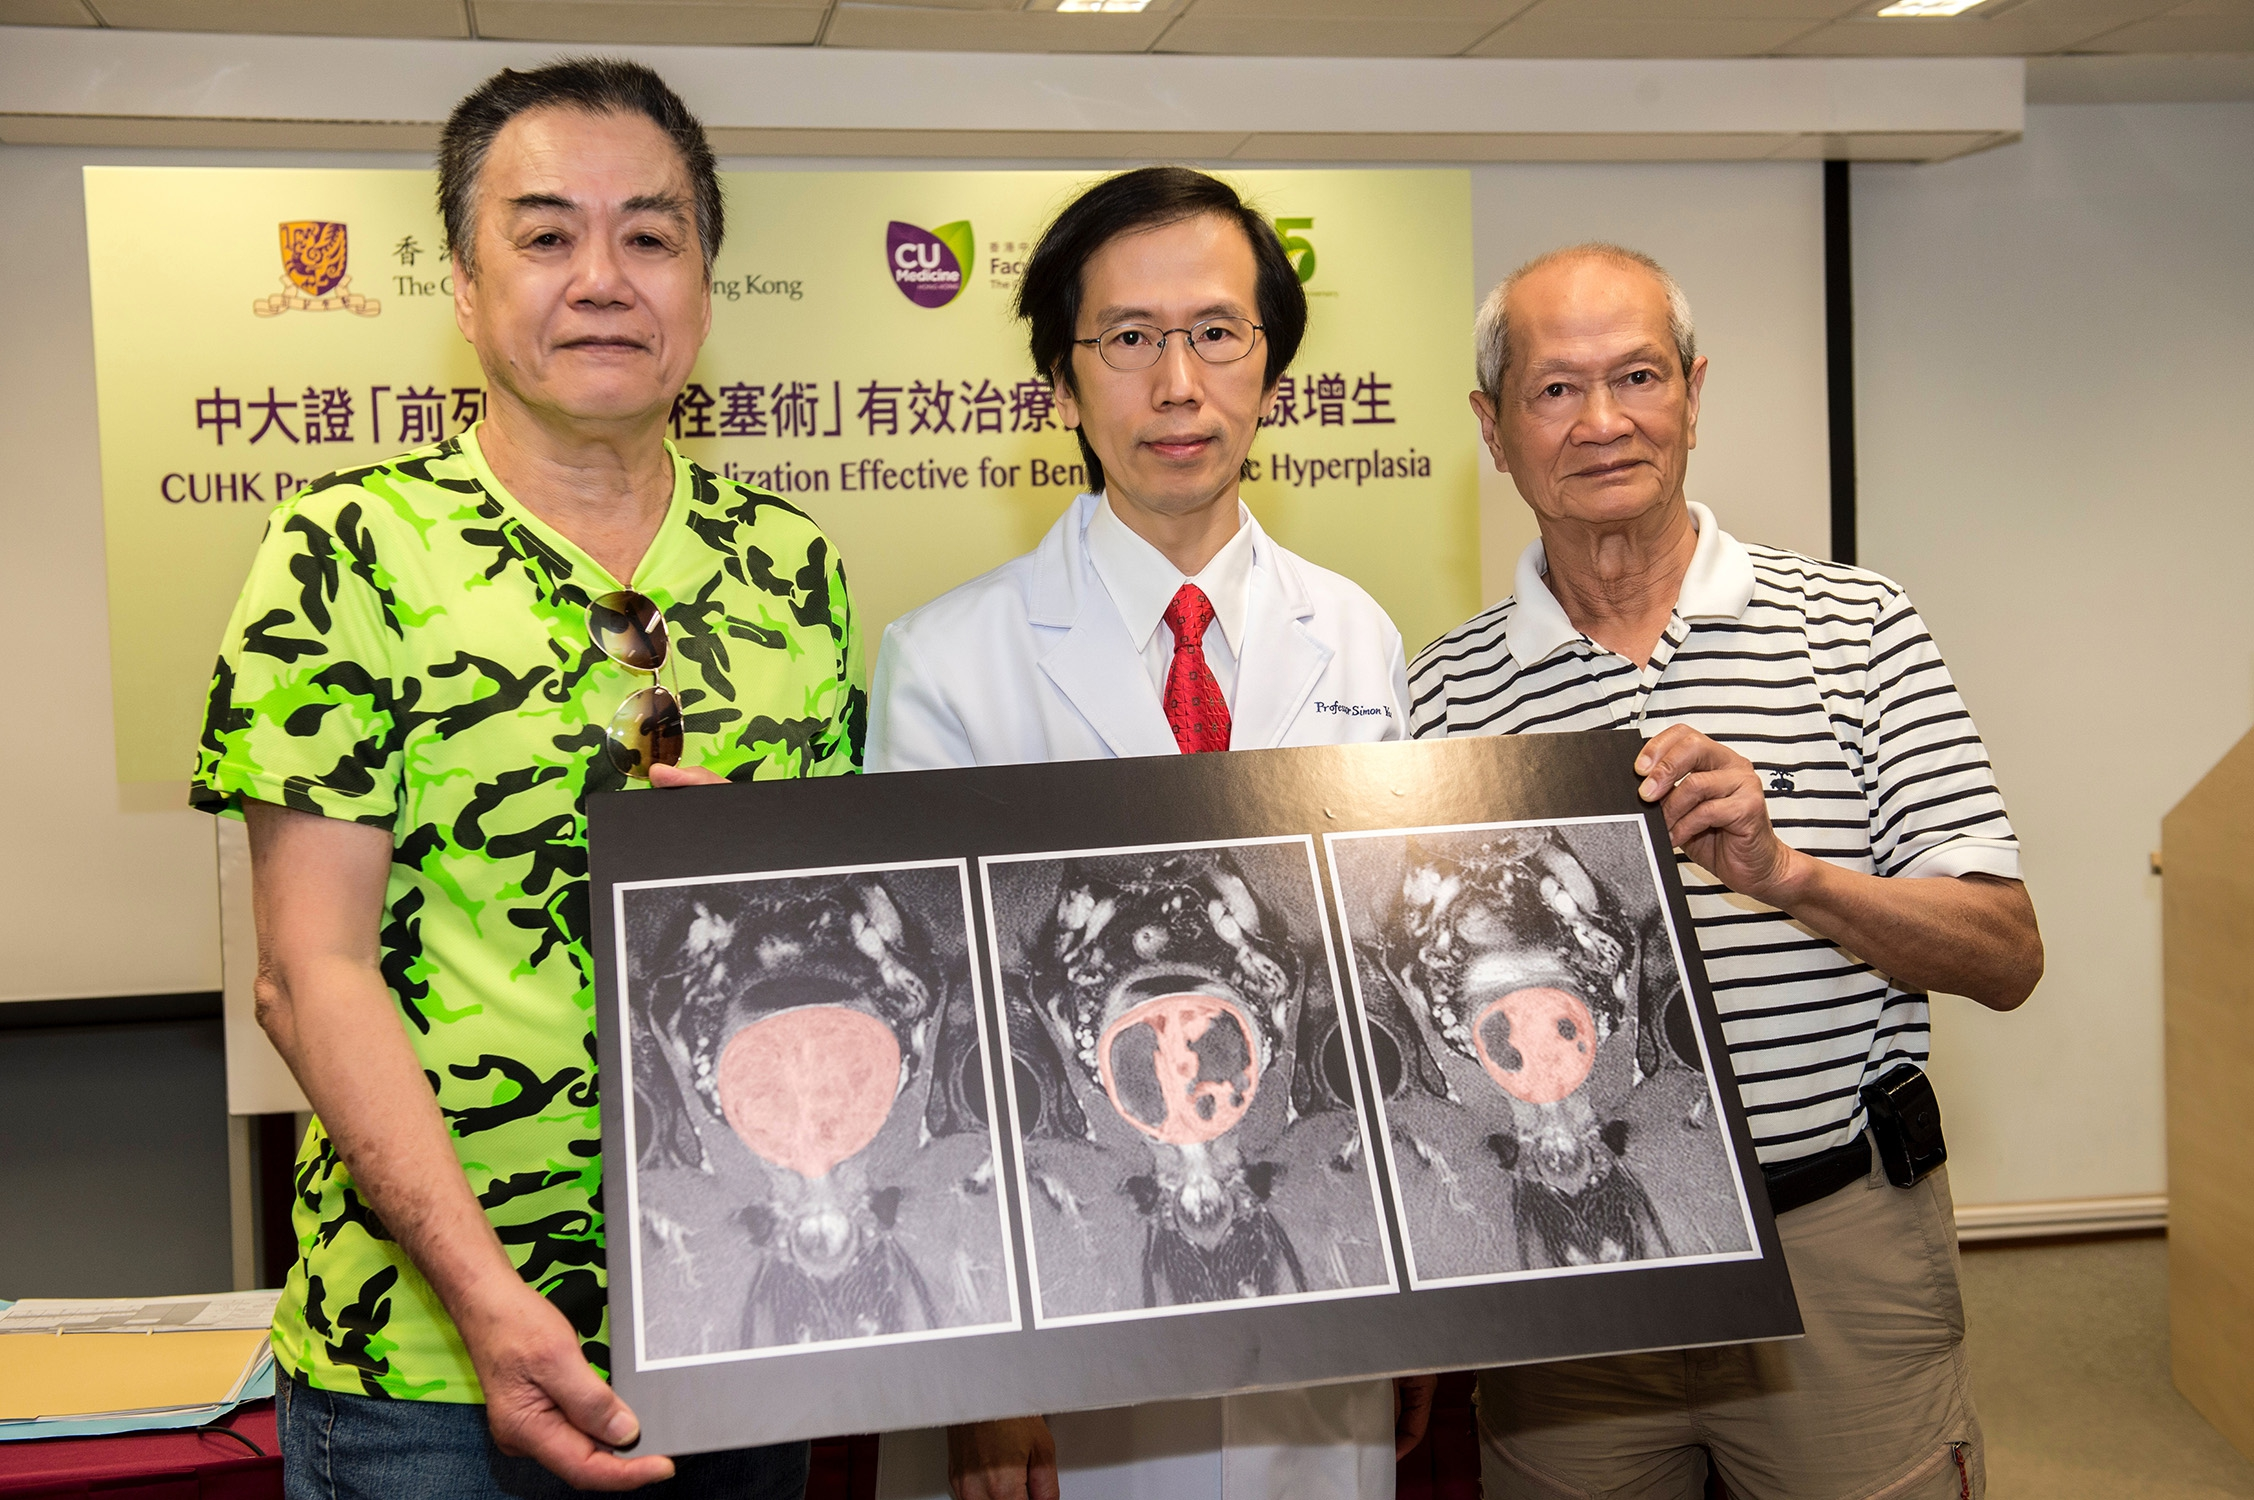 徐先生(左)及周先生(右)曾因為良性前列腺增生而出現泌尿問題。他們表示「前列腺動脈栓塞術」大大舒緩了相關徵狀,治療期間亦沒有感到不適。